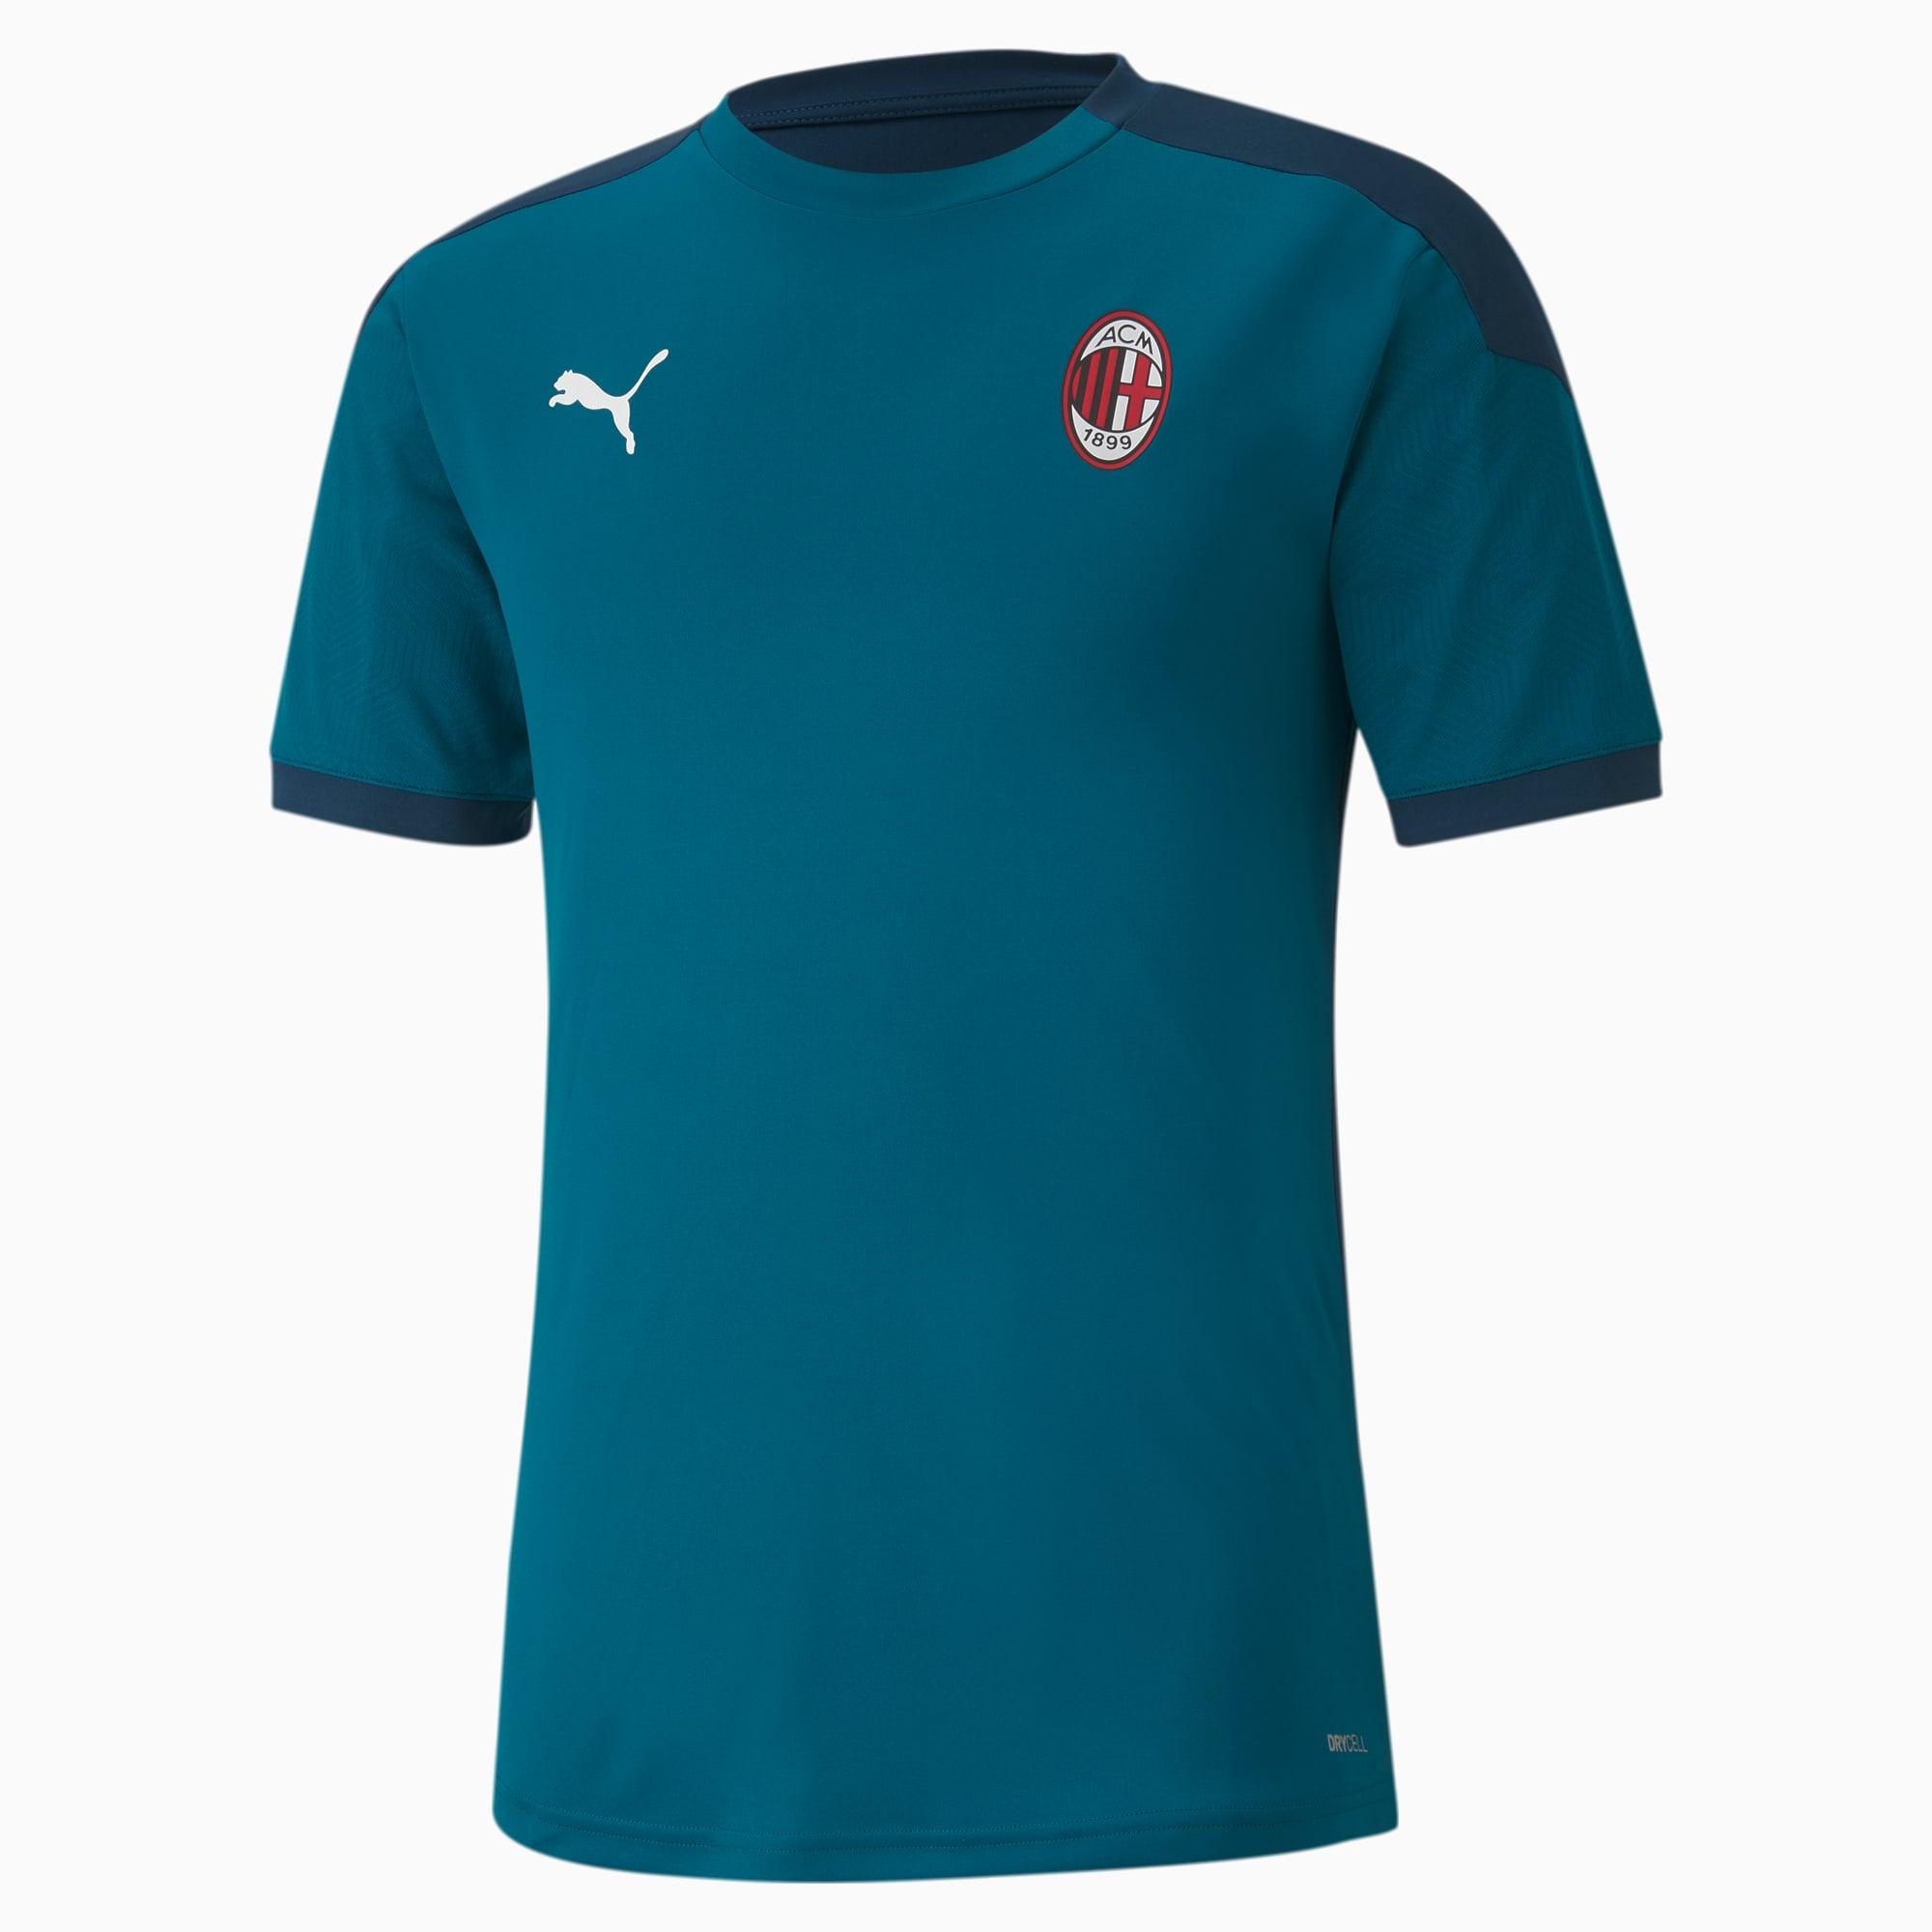 Maglia da allenamento AC Milan uomo